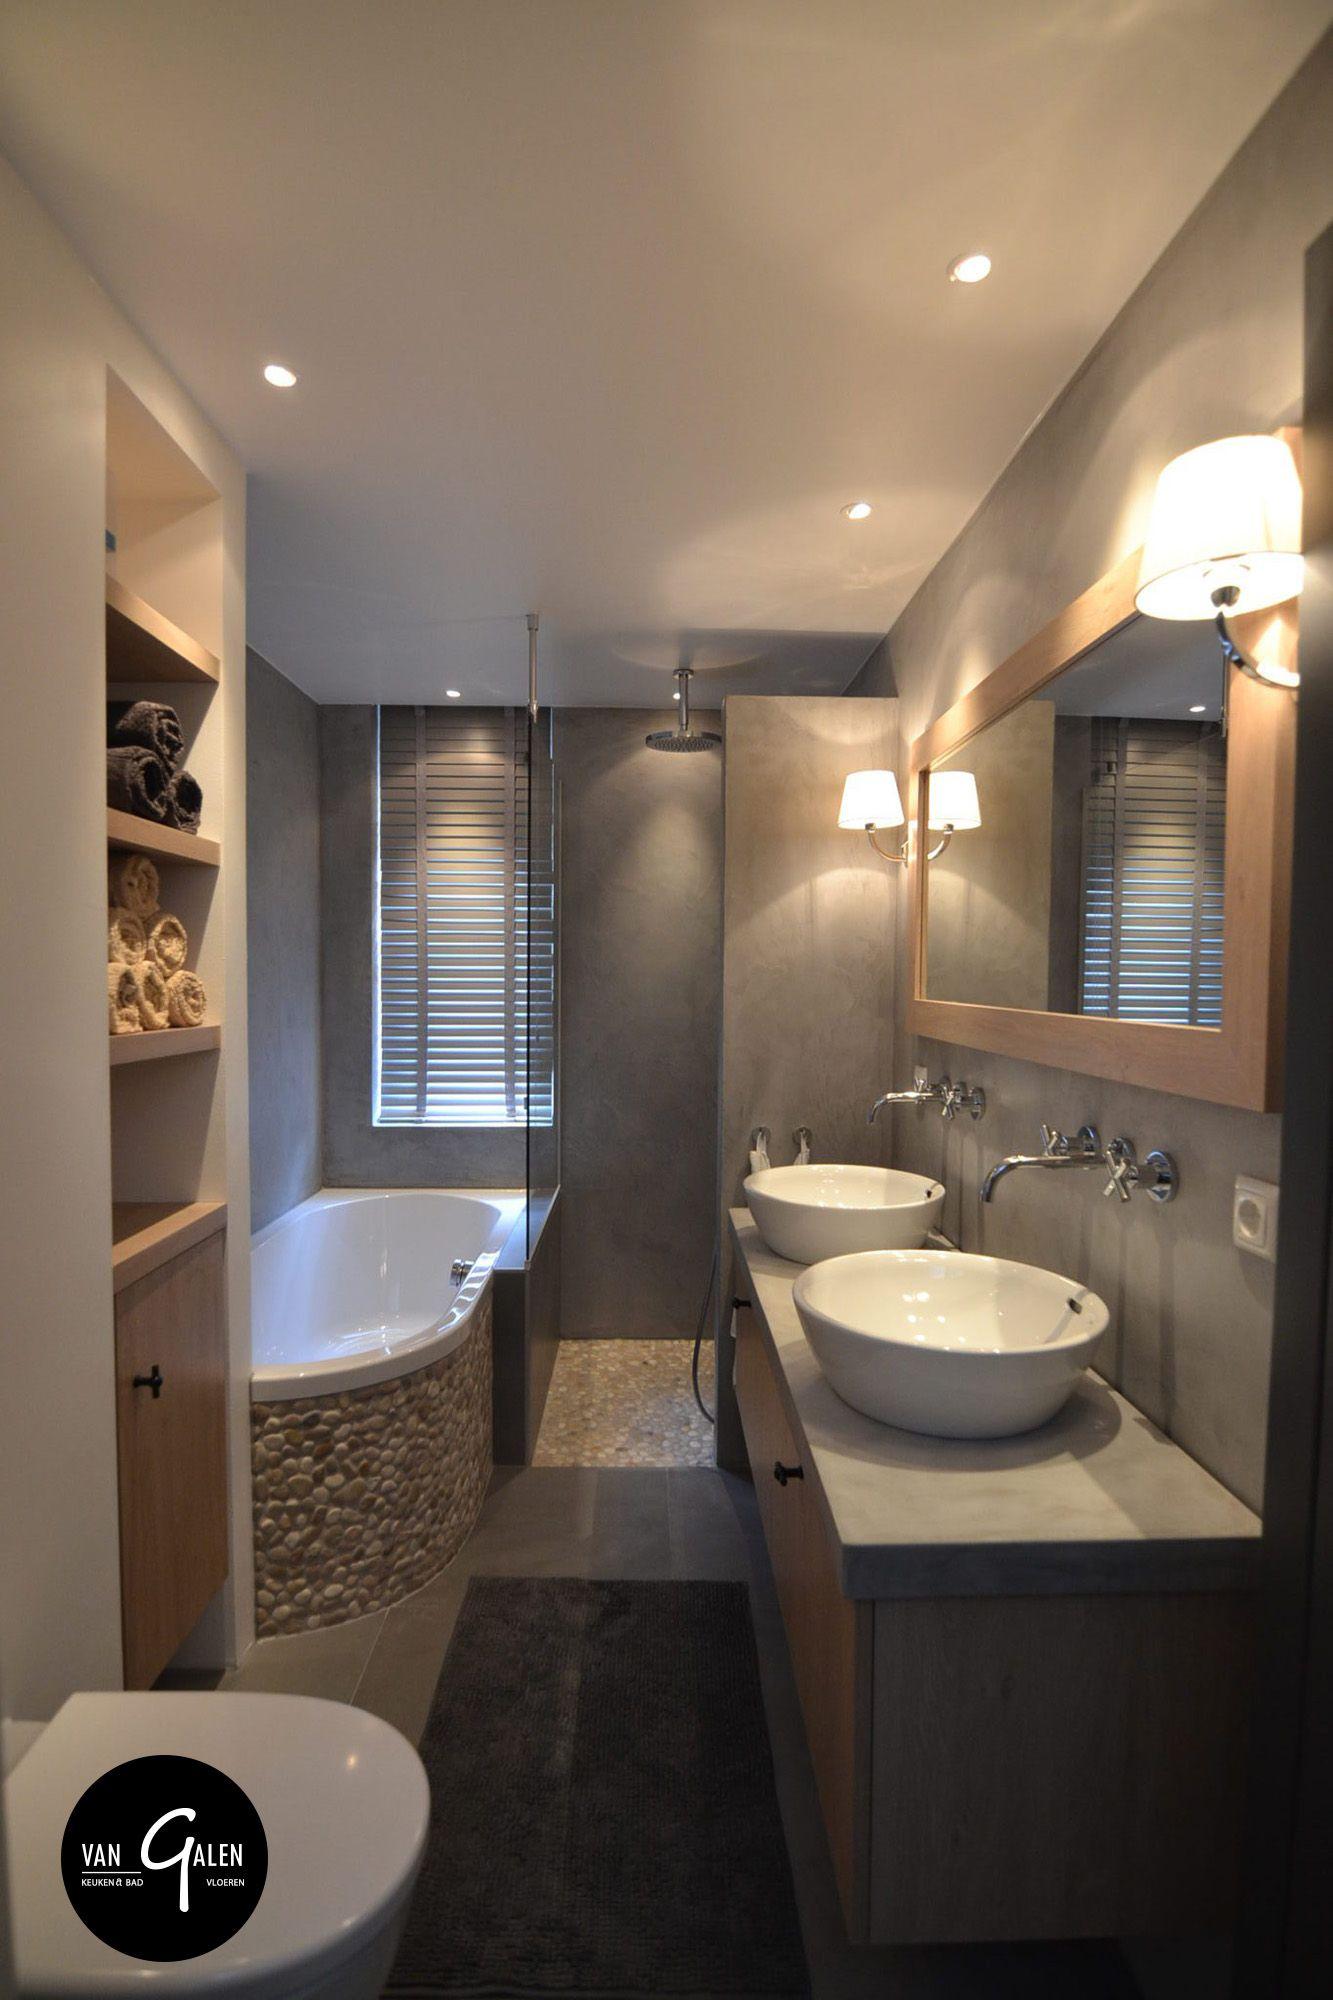 landelijke maatwerk badkamer met natuurlijke materialen ron stappenbelt